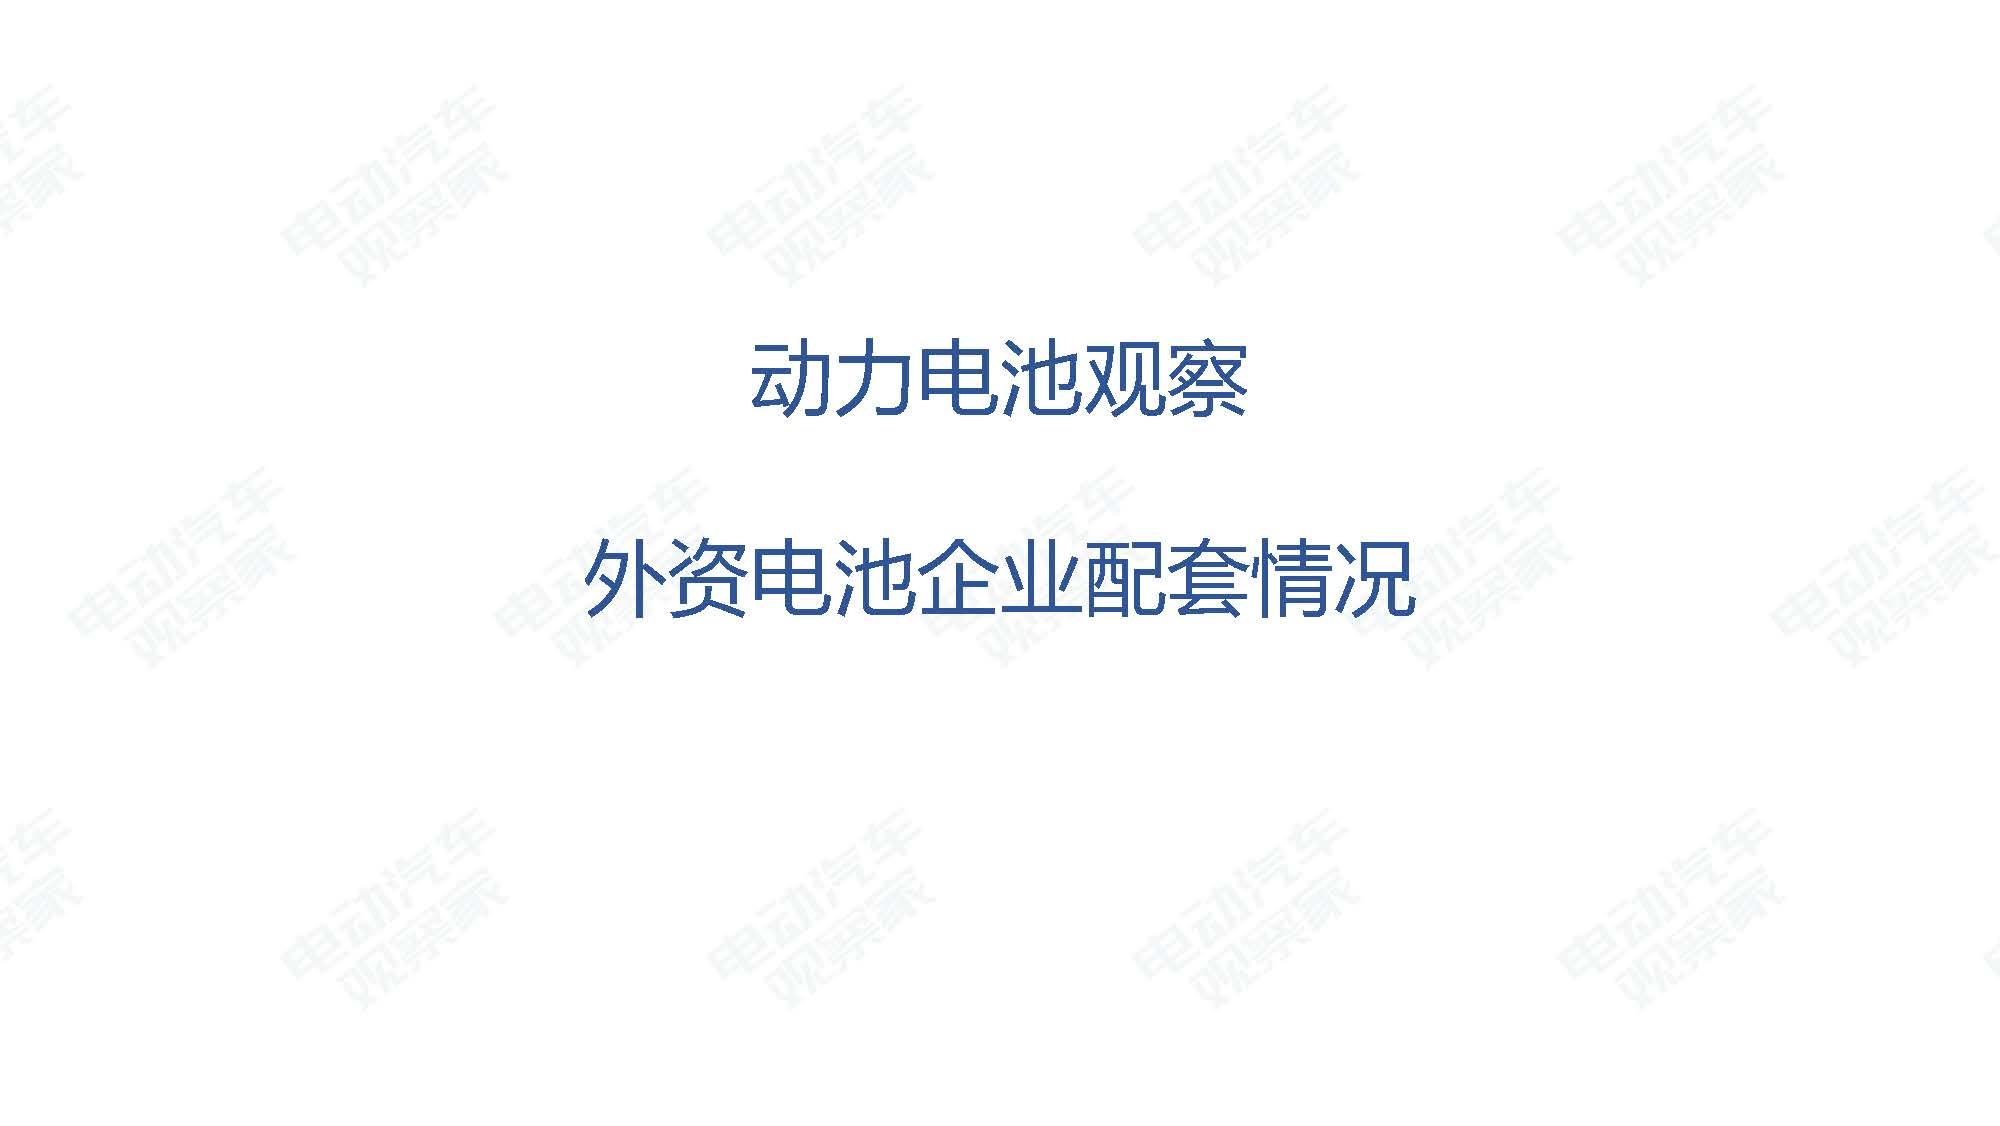 2019年11月中国新能源汽车产业观察_页面_098